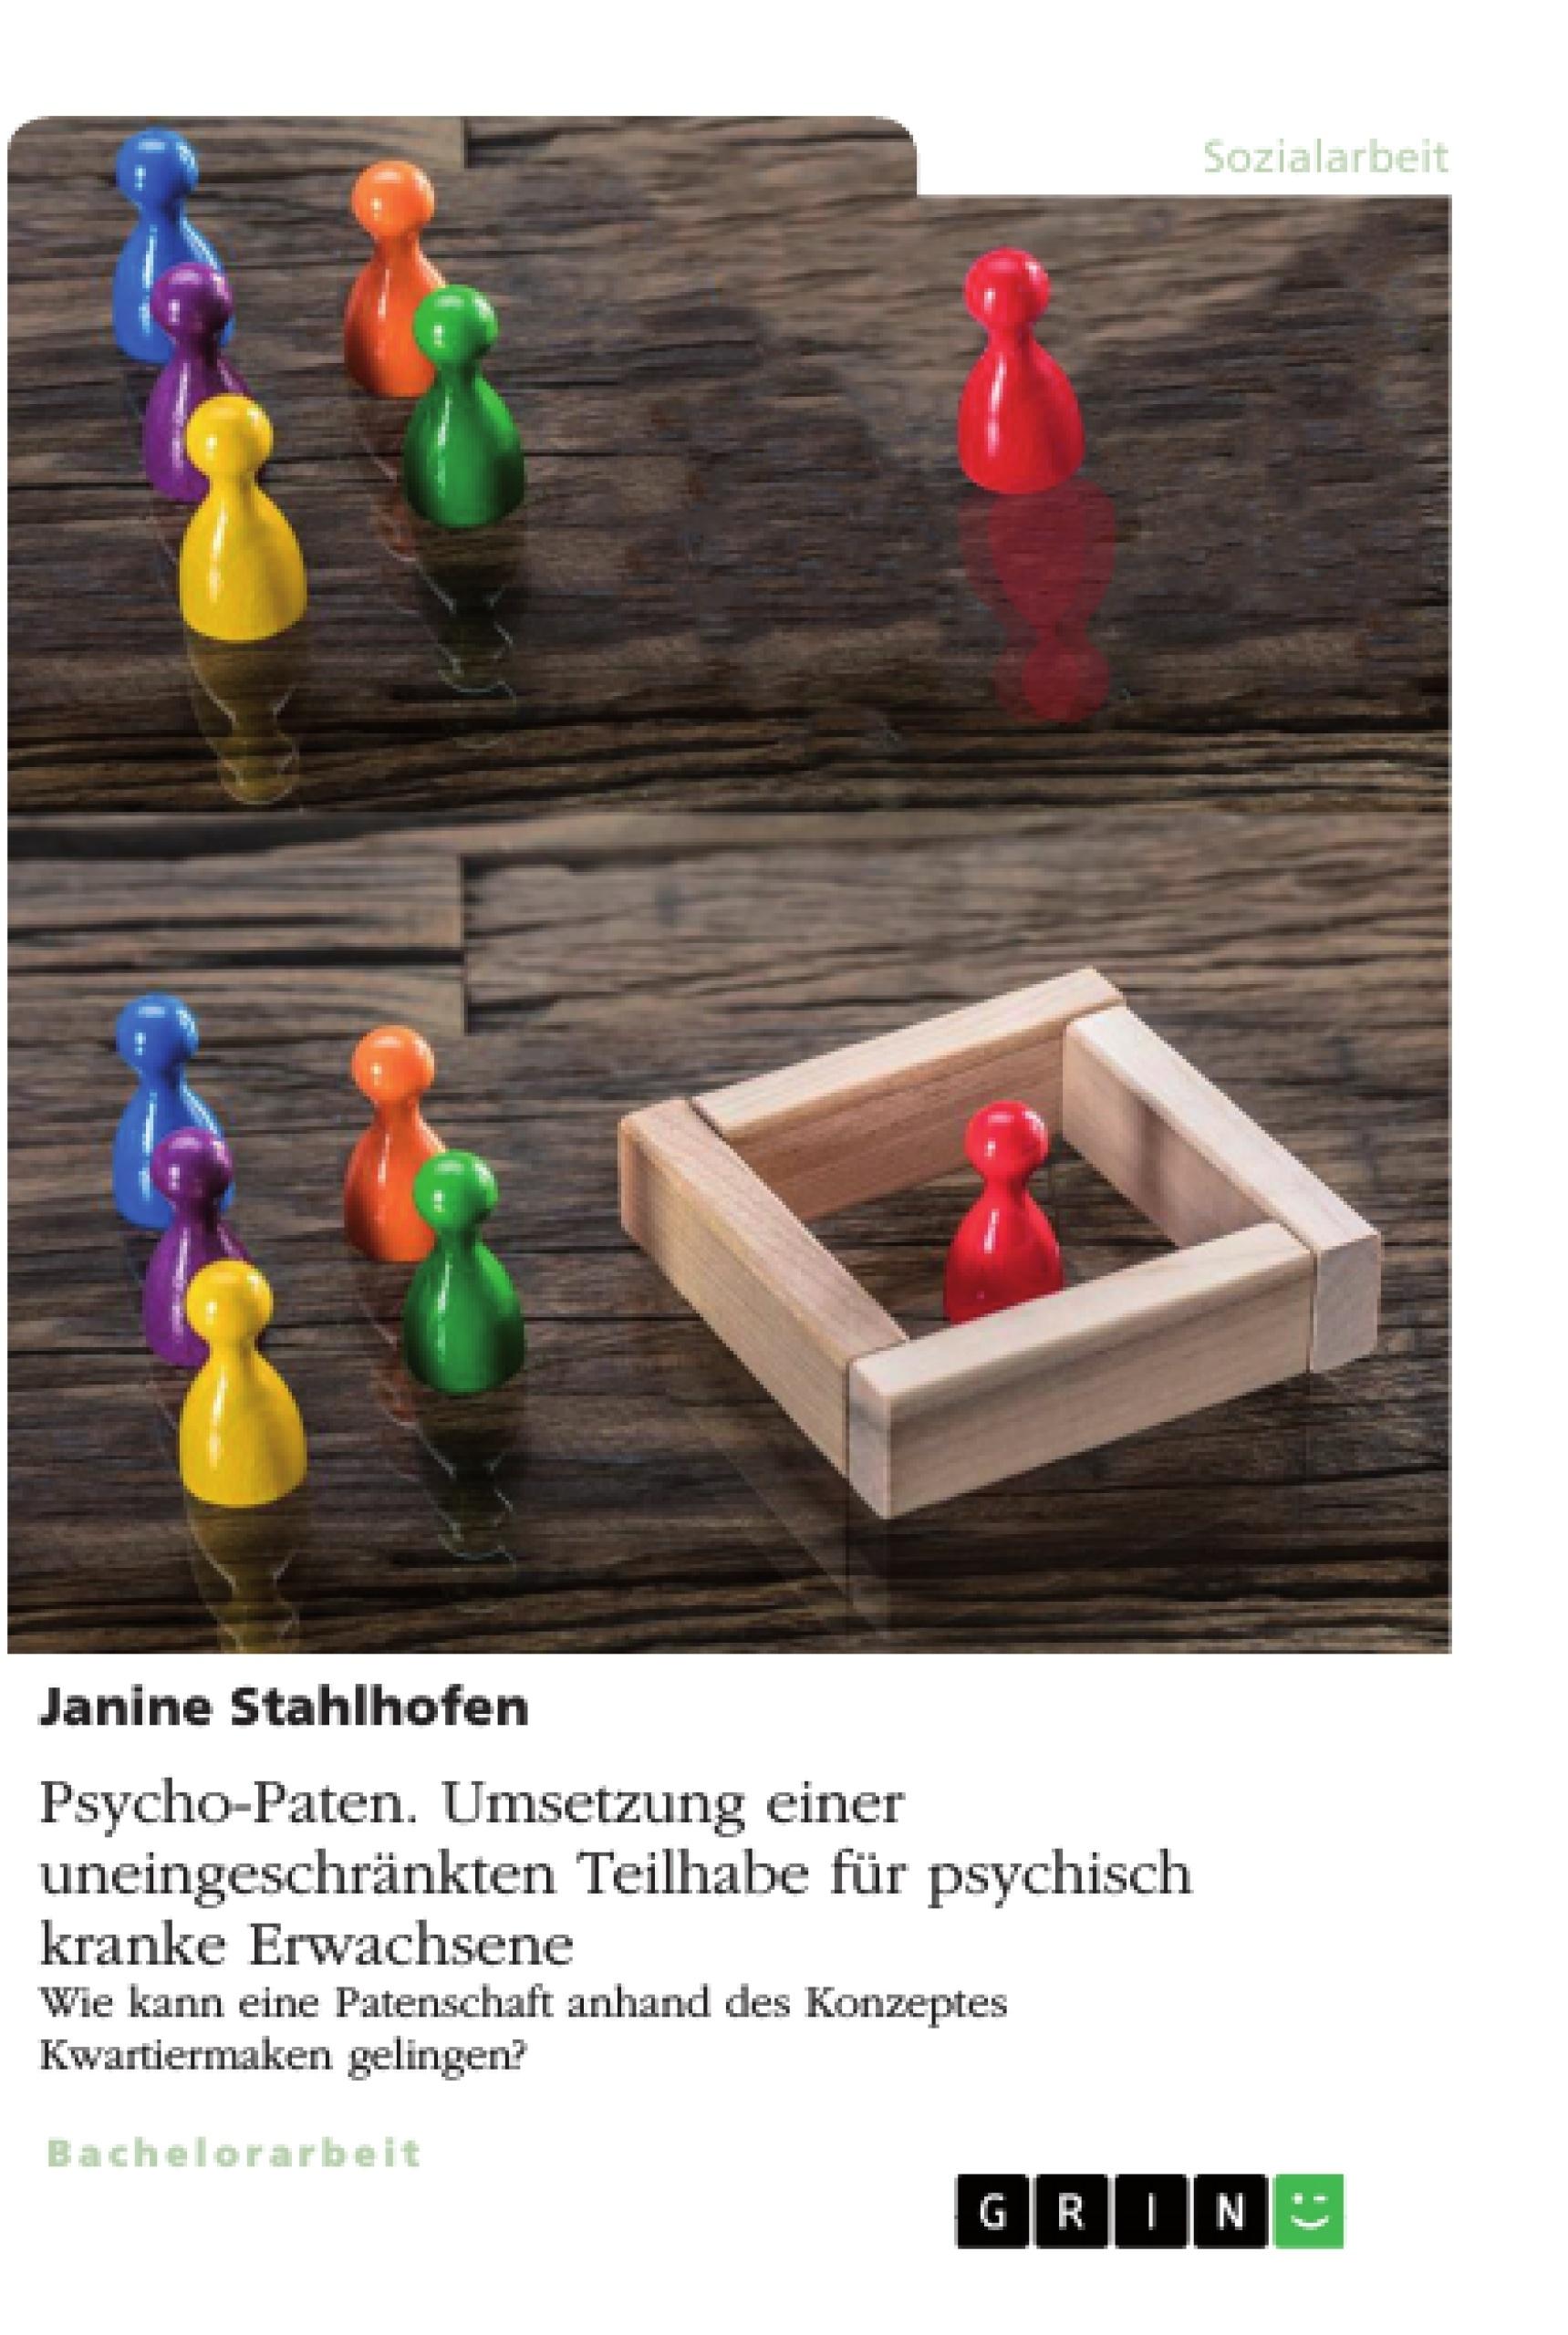 Titel: Psycho-Paten. Umsetzung einer uneingeschränkten Teilhabe für psychisch kranke Erwachsene